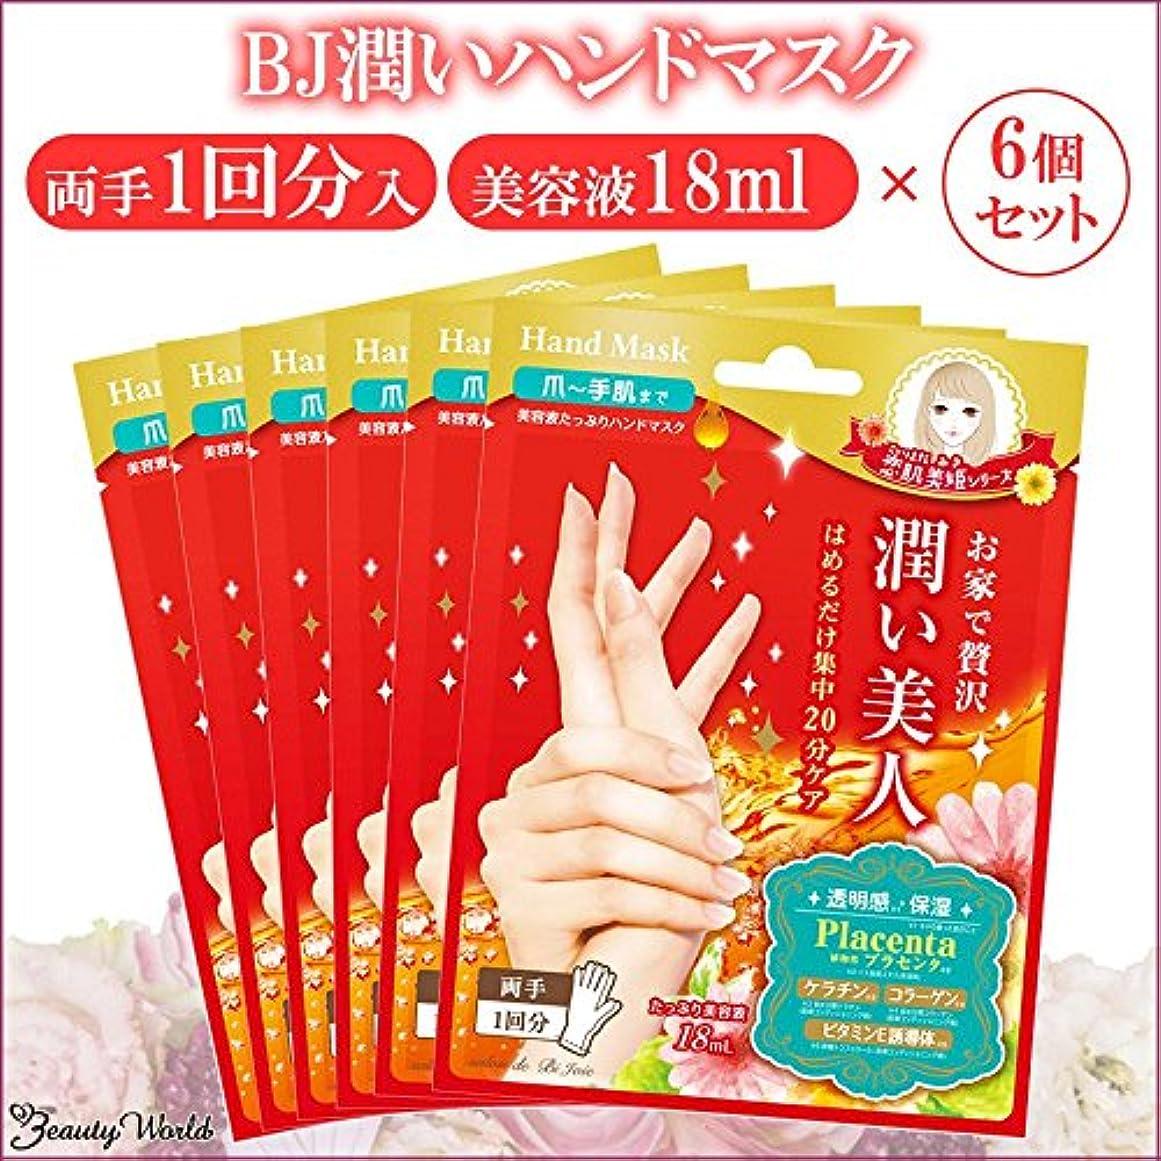 リール広告スキムビューティーワールド BJ潤いハンドマスク 18ml/1回分 6個セット